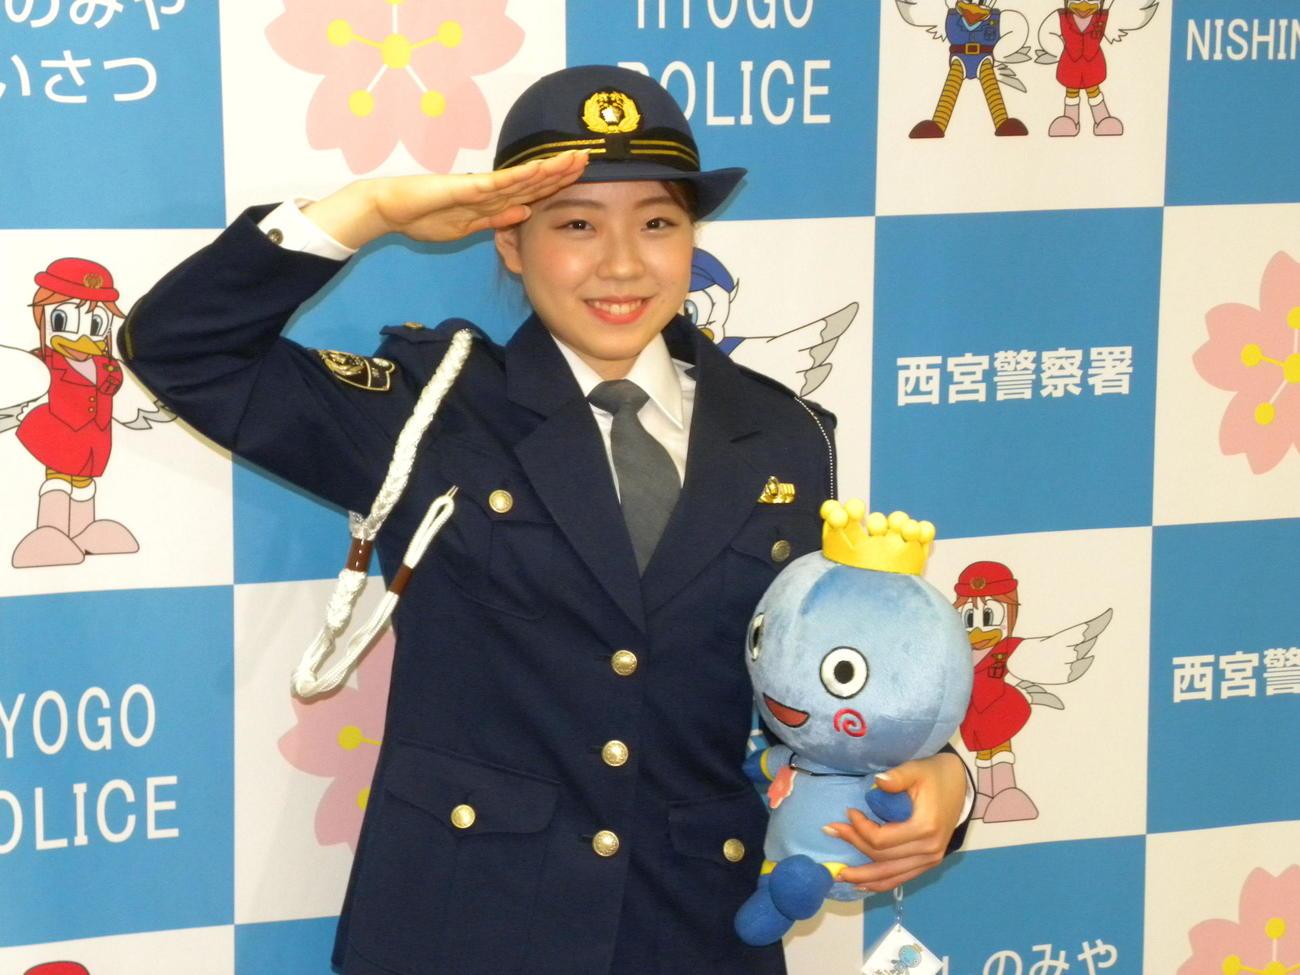 西宮交通安全大使となった紀平梨花は西宮市のキャラクター「みやたん」を手にポーズを決める(2021年7月16日撮影)